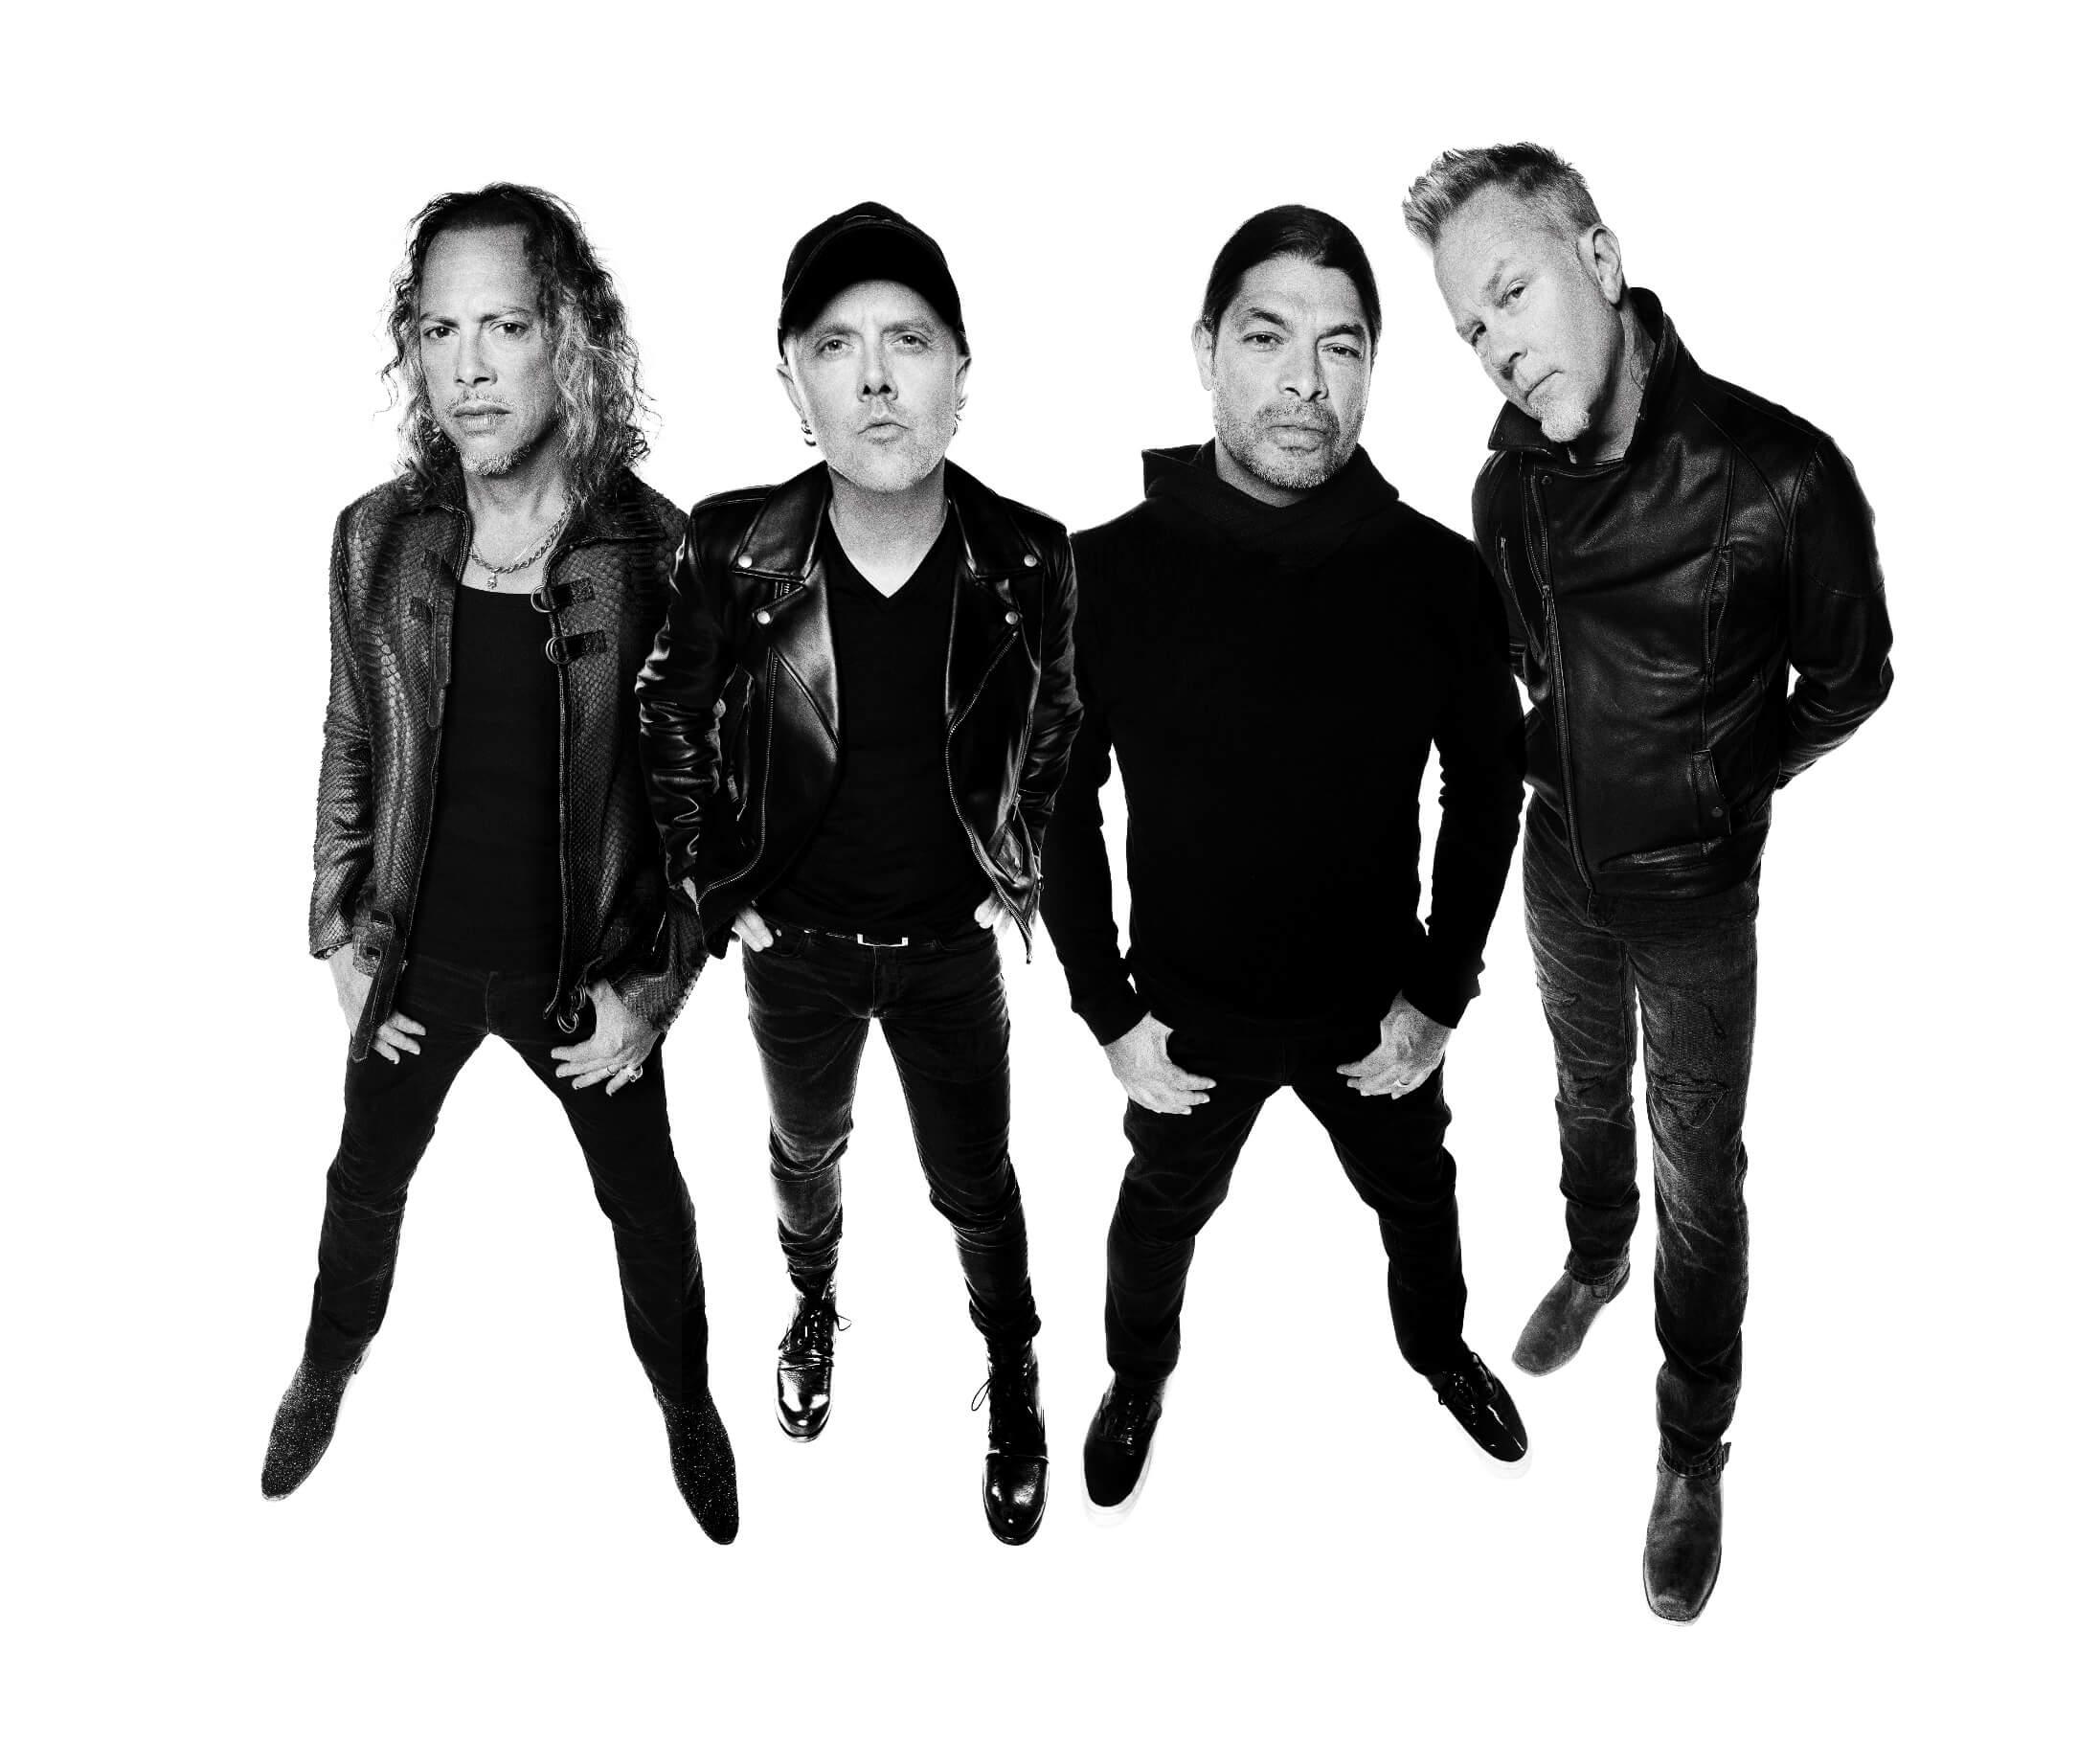 『Metallica (Black Album)』リマスター・デラックス・ボックス・セット本日リリース。本日9月10日は世界で「メタリカTシャツDAY」